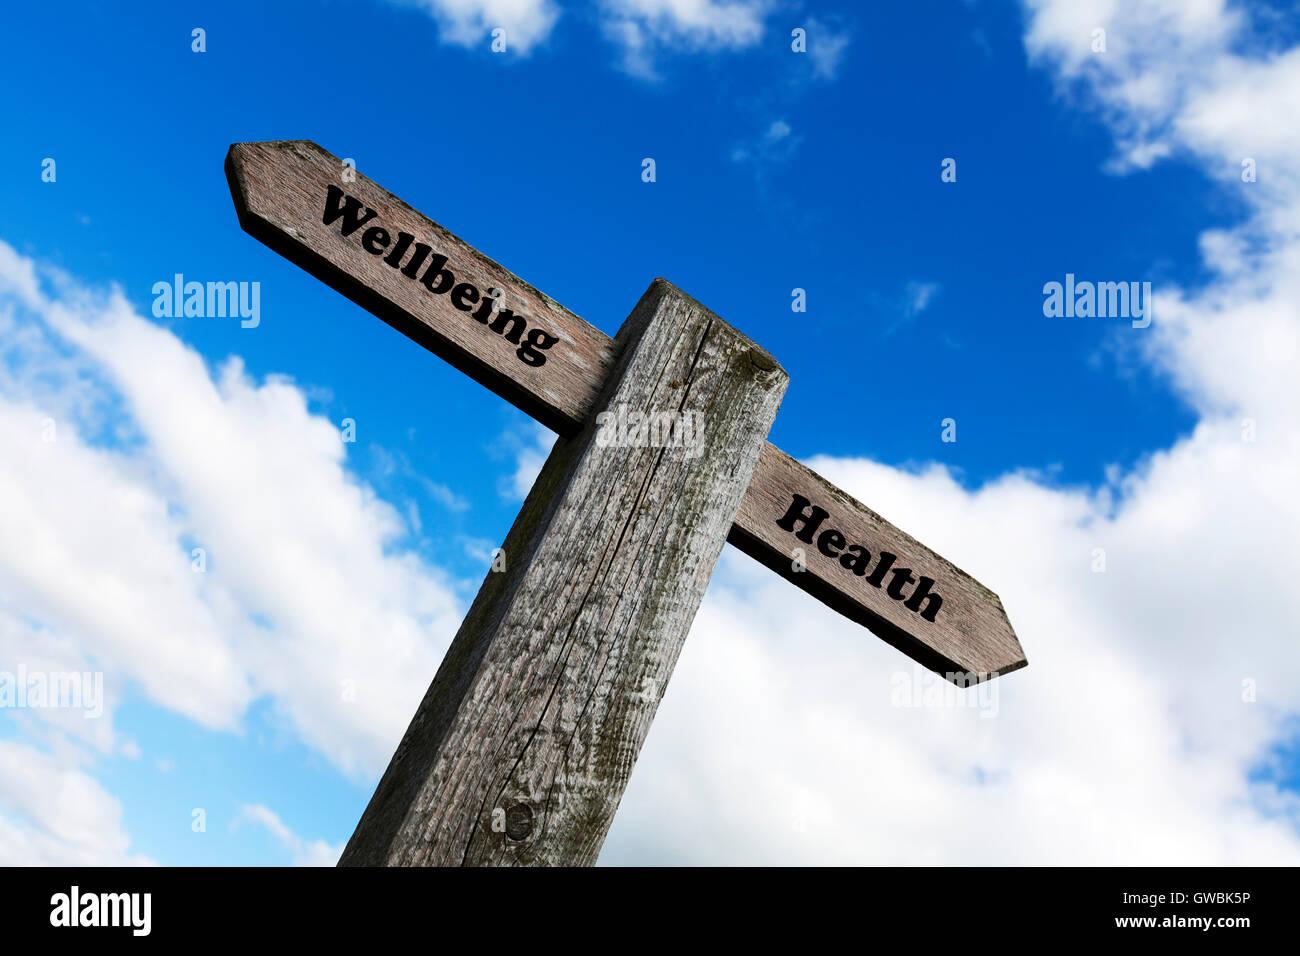 Salute Benessere Salute mentale mentalmente segno sane parole direzioni direzione scelta opzioni opzione di scegliere Immagini Stock